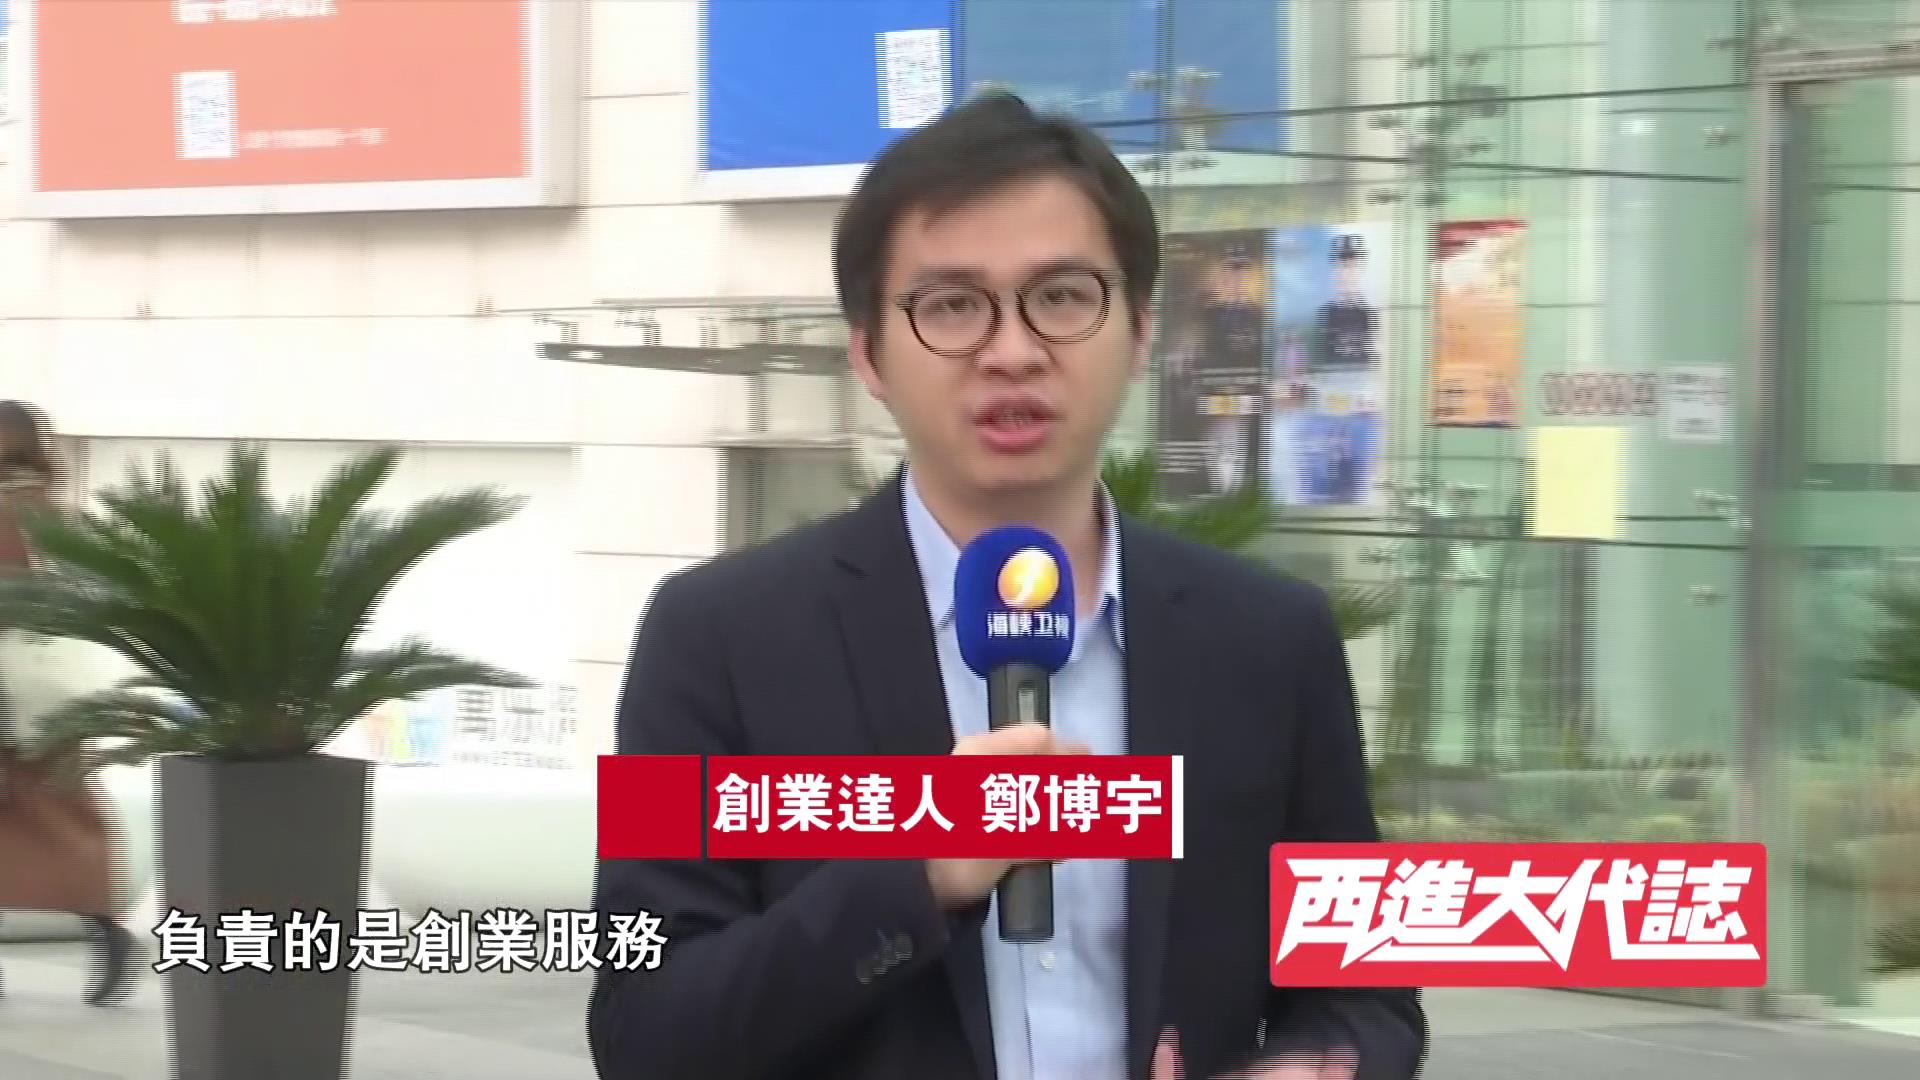 台灣疫情致385人死亡,大陸台青向台民眾喊話:若可能就來大陸打疫苗